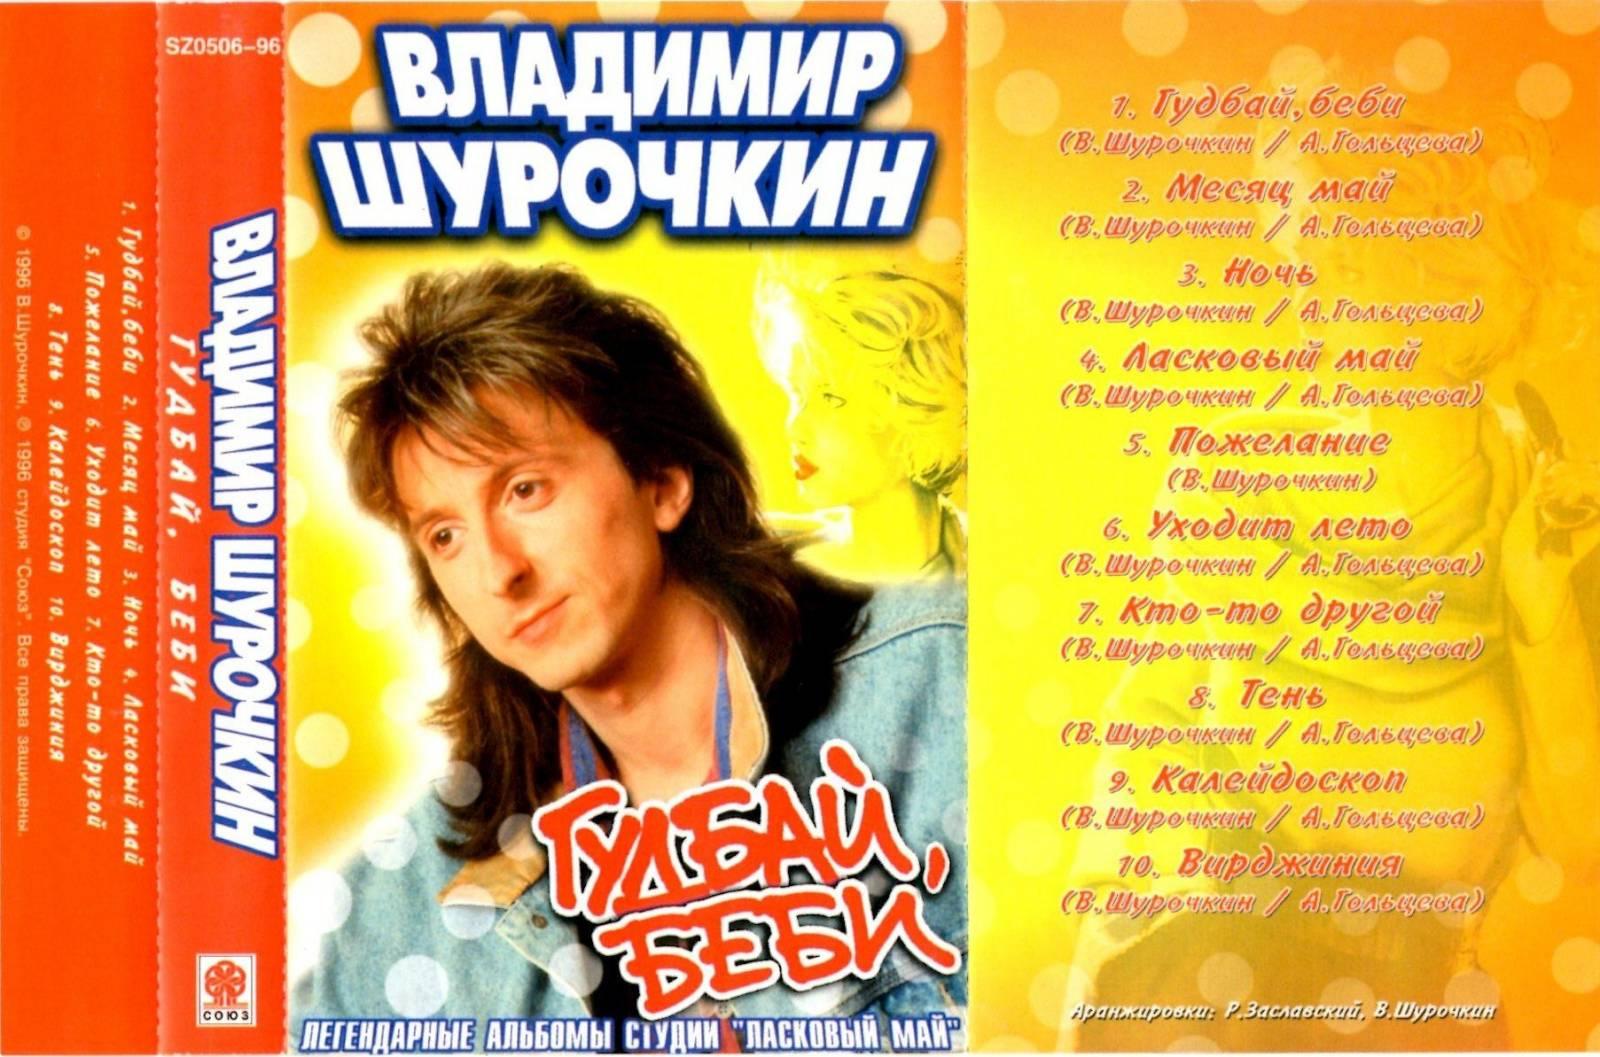 Владимир шурочкин дети фото